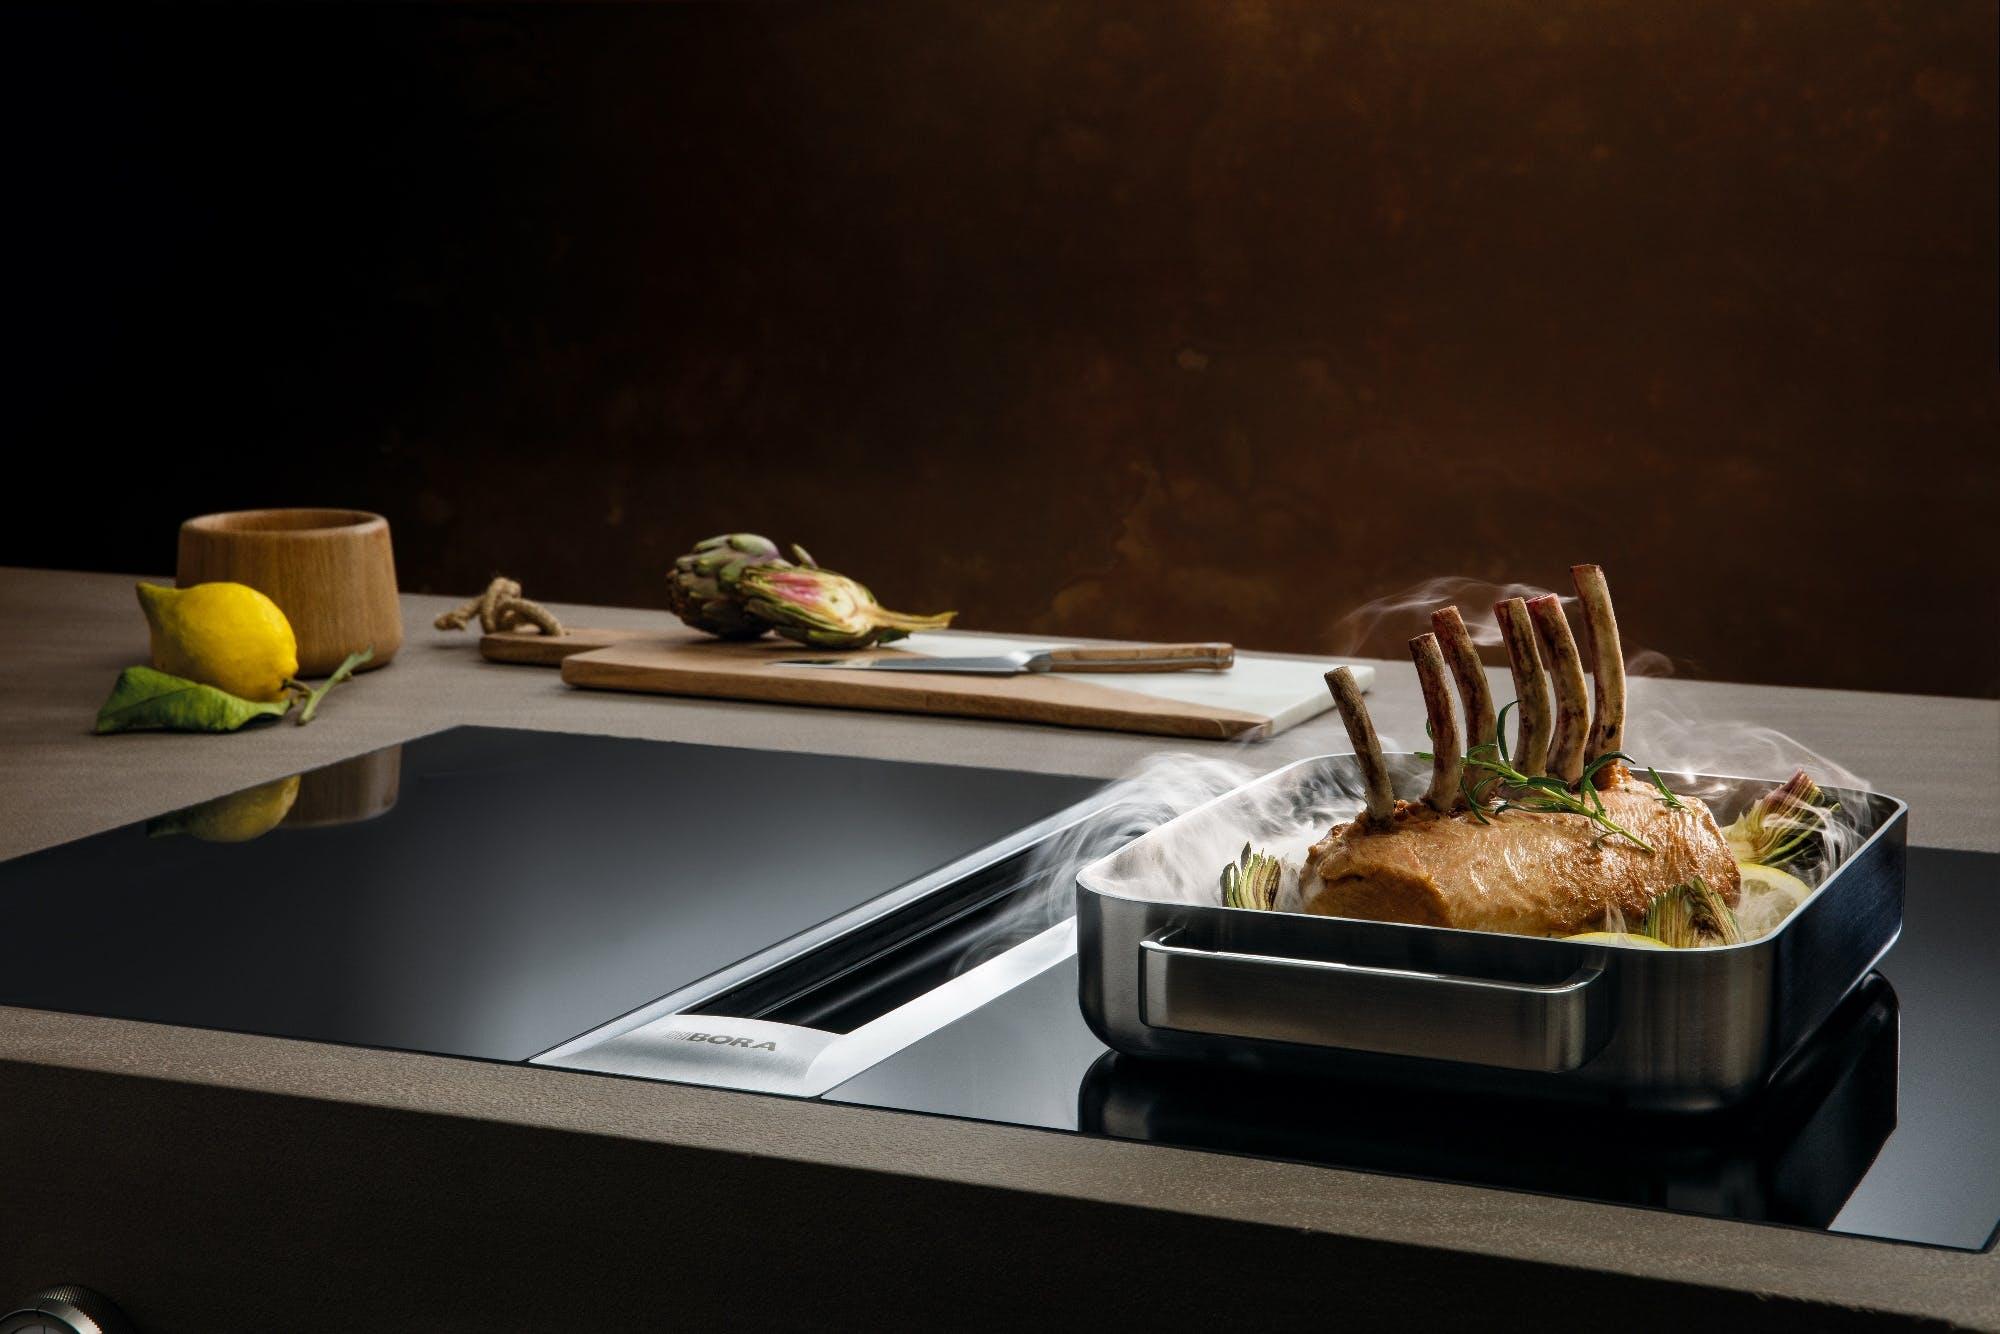 Cuisine avec aspiration des vapeur sur table de cuisson moderne et épurée design contemporain annecy